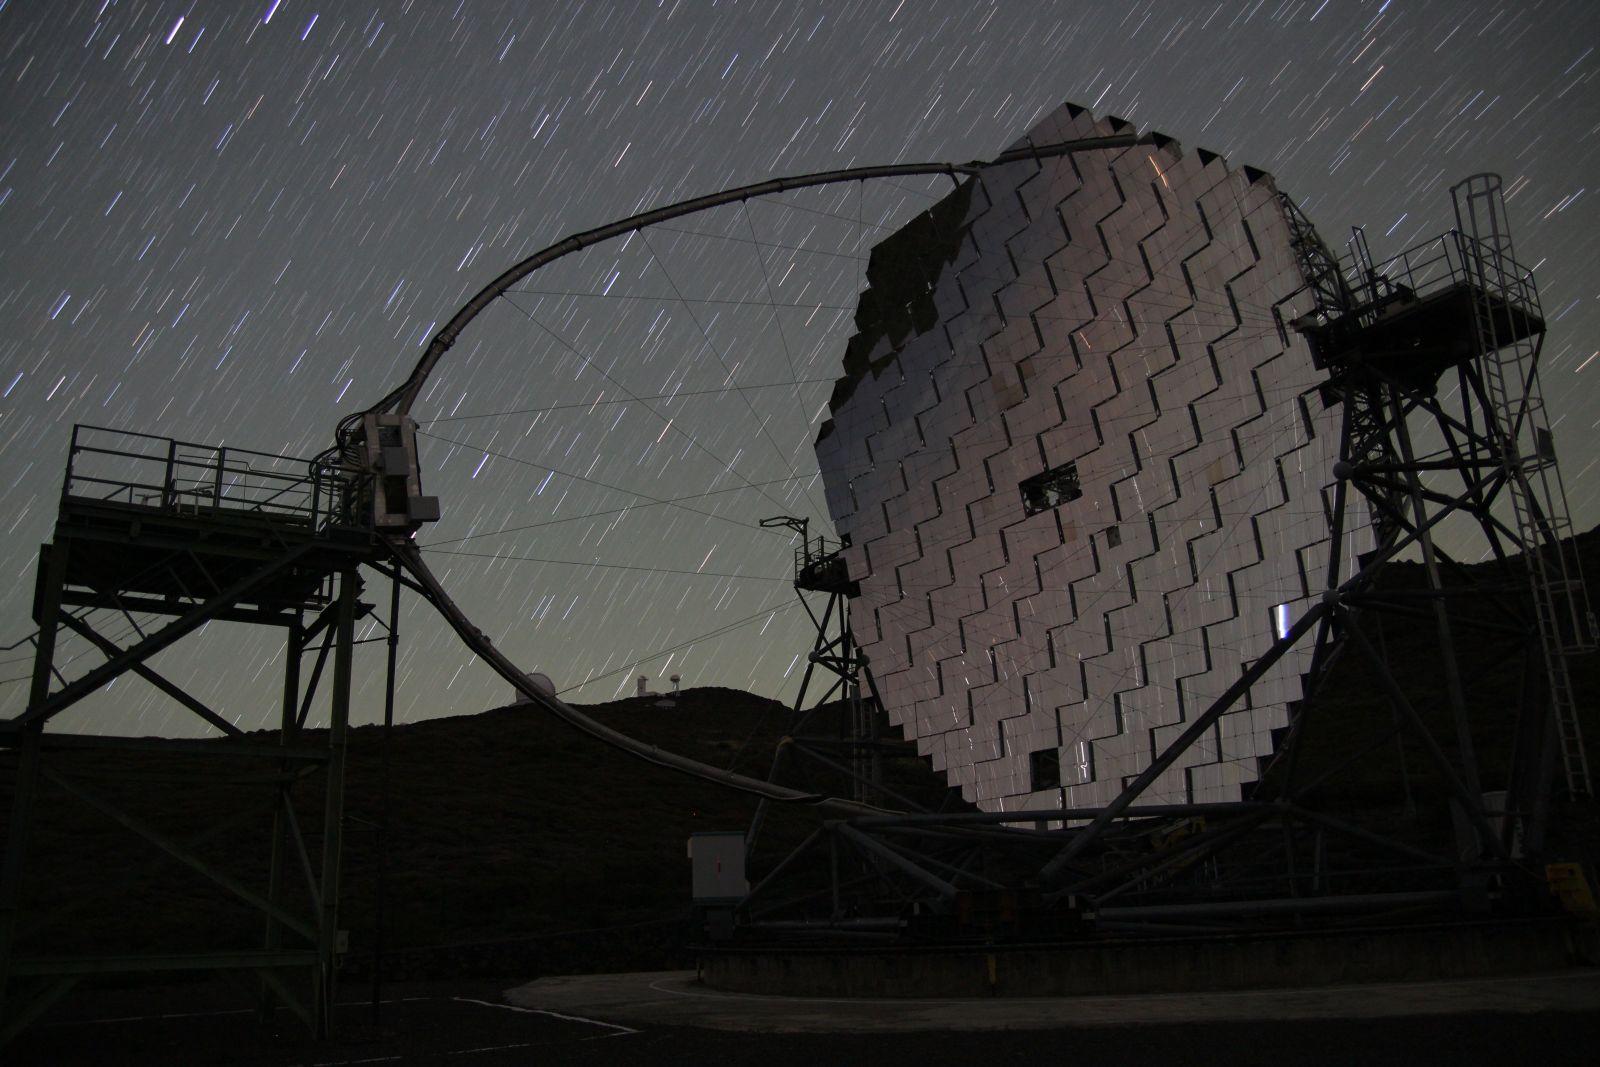 Eignen sich wegen ihrer offenen 17m-Spiegel ganz besonders für Zeitrafferaufnahmen: die MAGIC-Zwillingsteleskope auf La Palma (hier MAGIC 2)